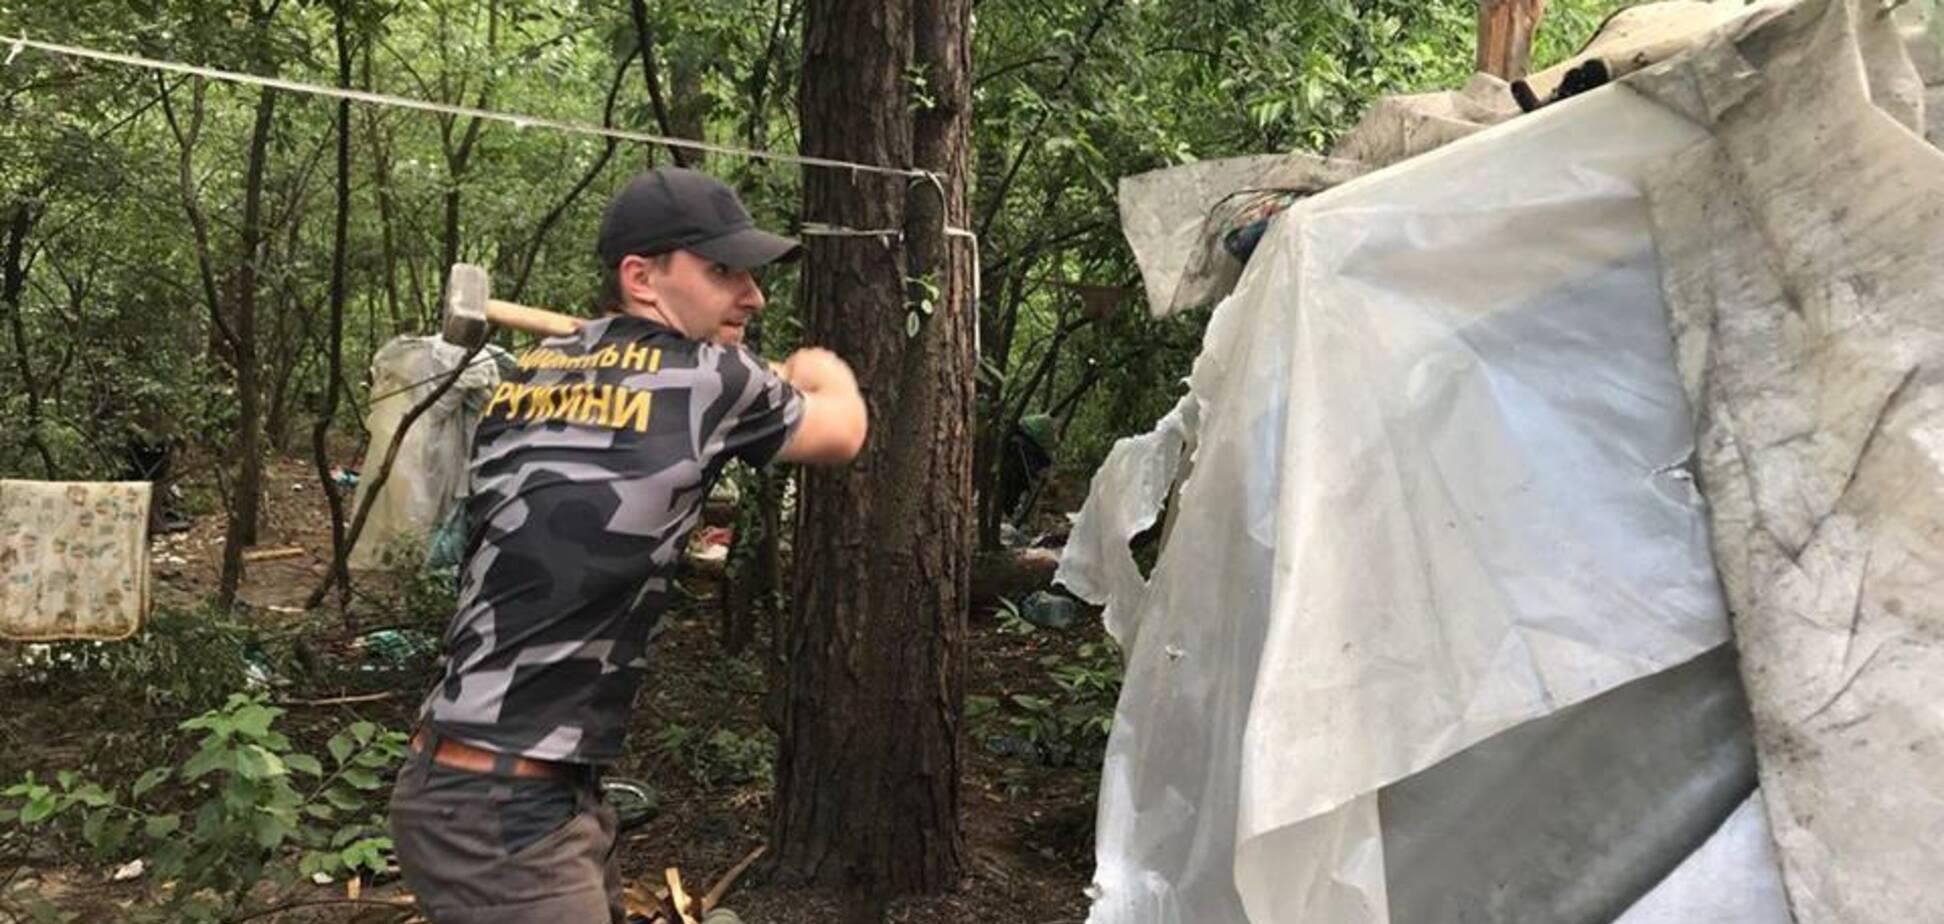 Разгром лагеря ромов в Киеве: 'Нацдружины' объяснились